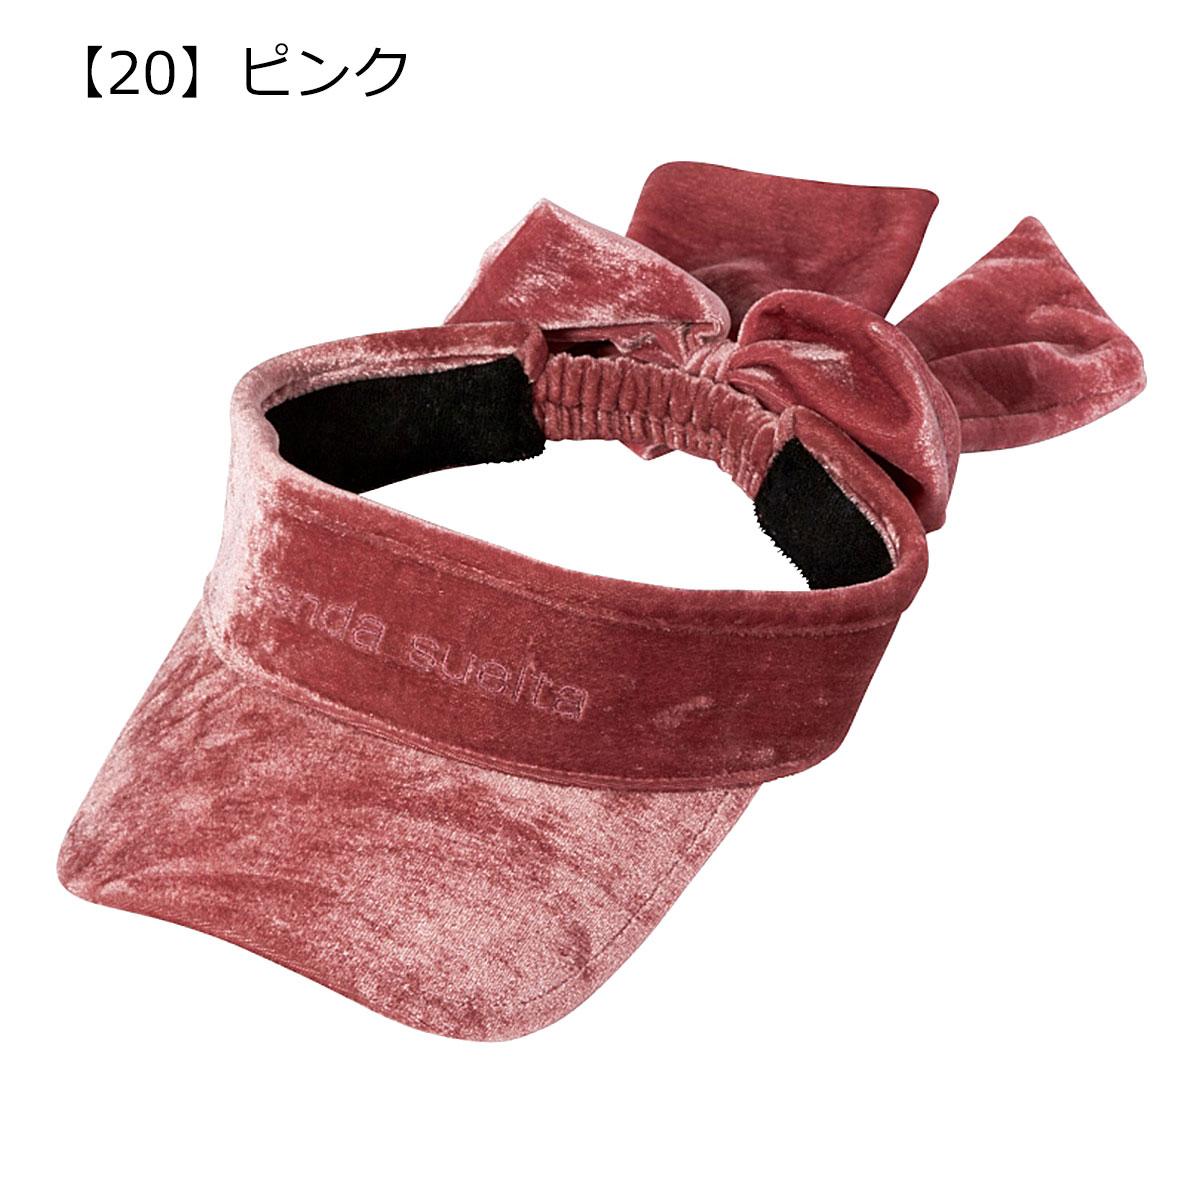 【20】ピンク